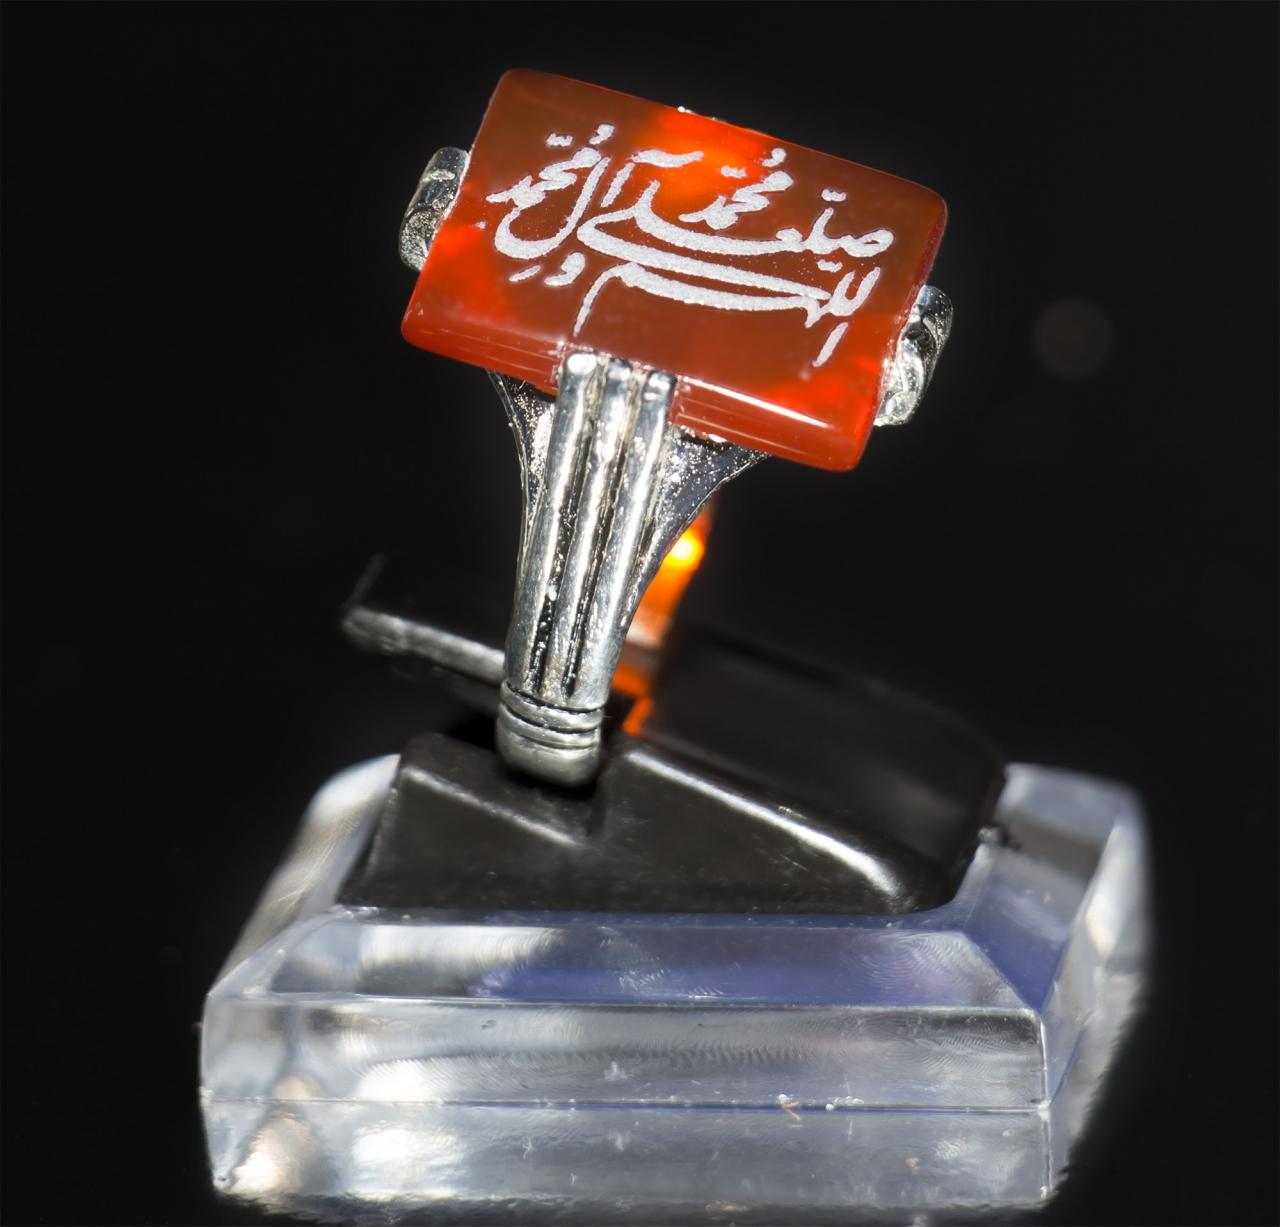 Roter eckiger Aqiq beschriftet mit Salawat - Friedensgruß auf dem Propheten und seiner Familie